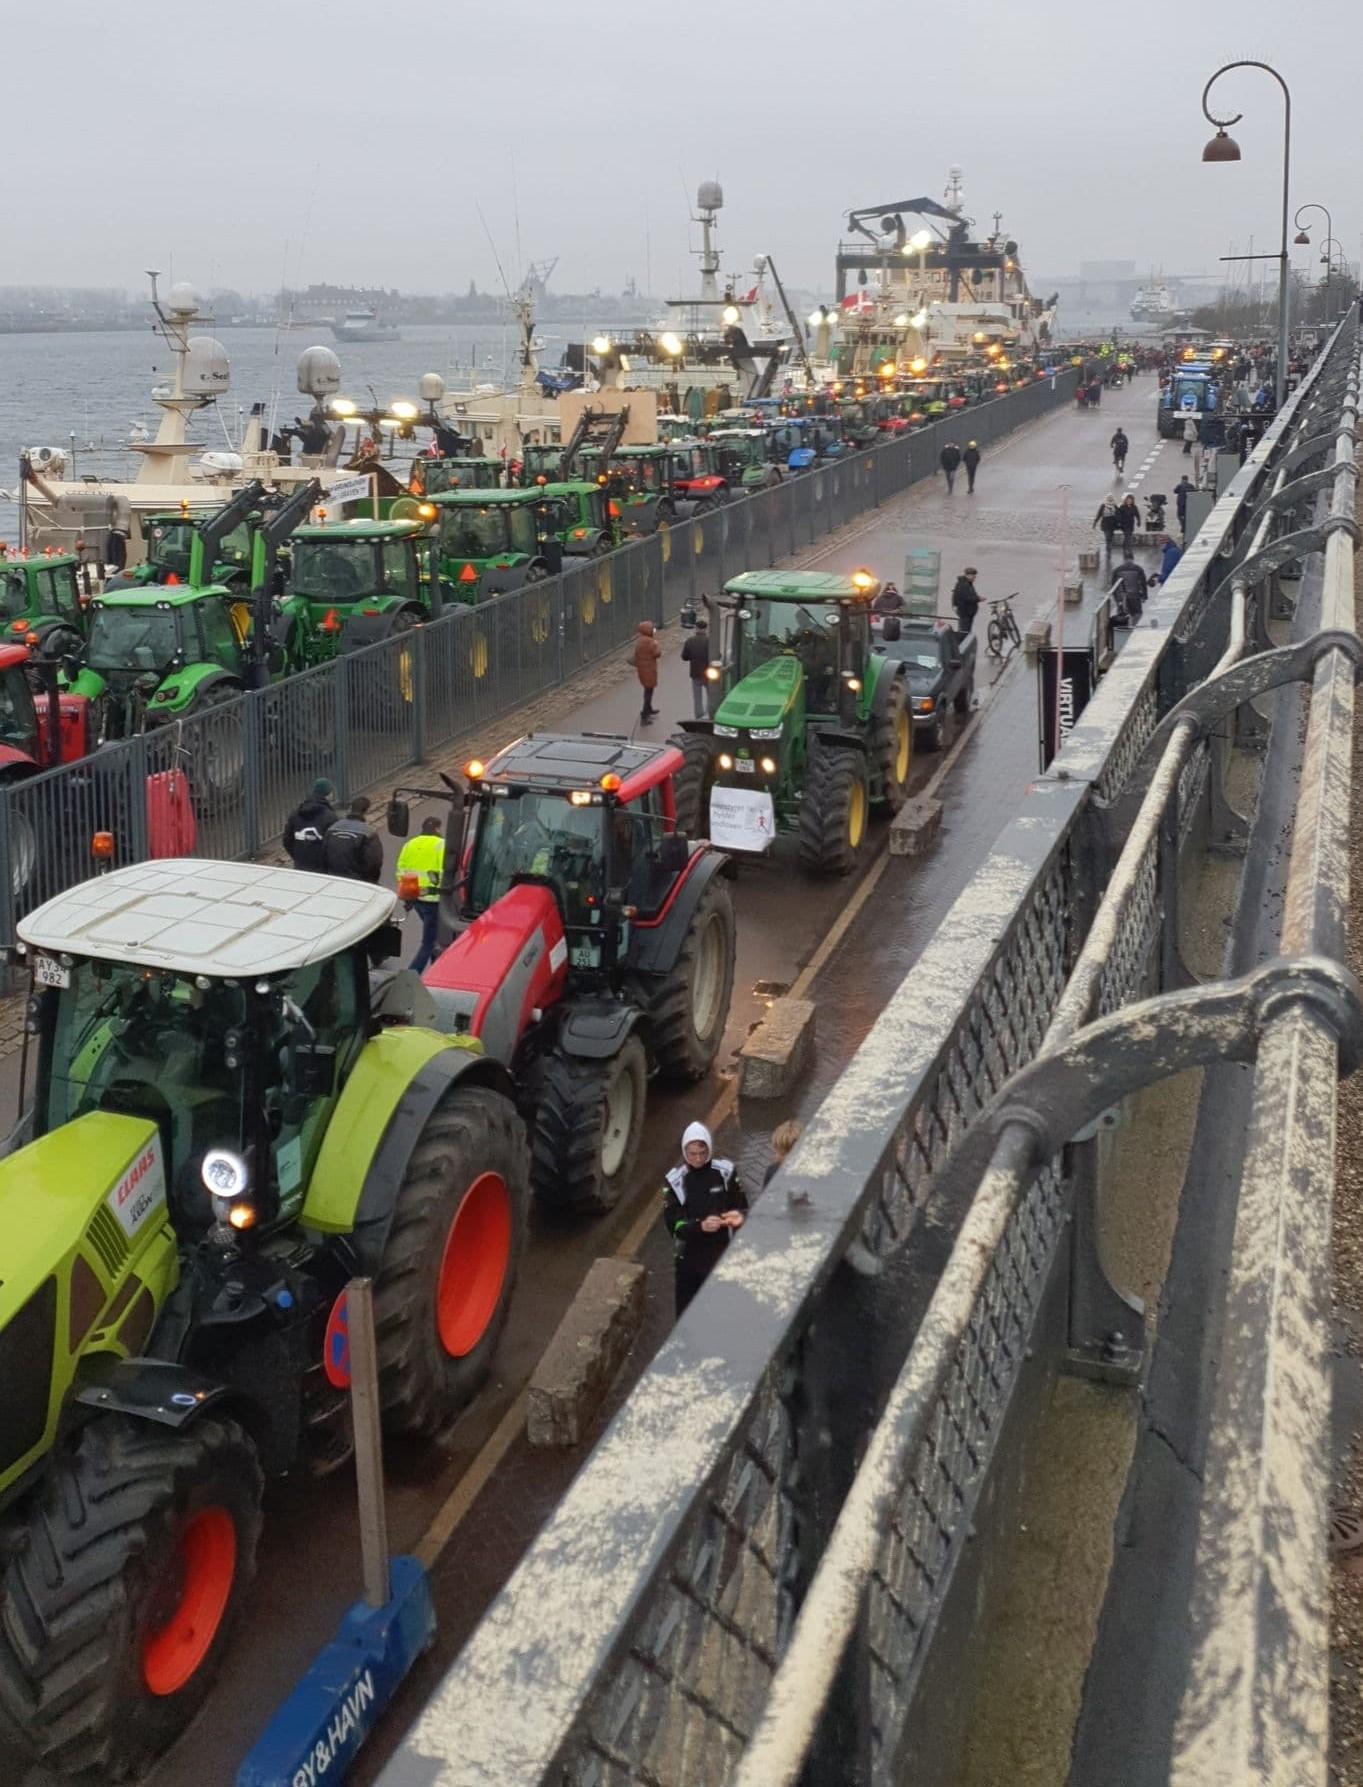 Hvad sker der? Flere hundrede traktorer har demonstreret i Aarhus og København og er nu på vej ud af byerne. Politiet forventer tæt trafik, mens traktorer nekører væk.